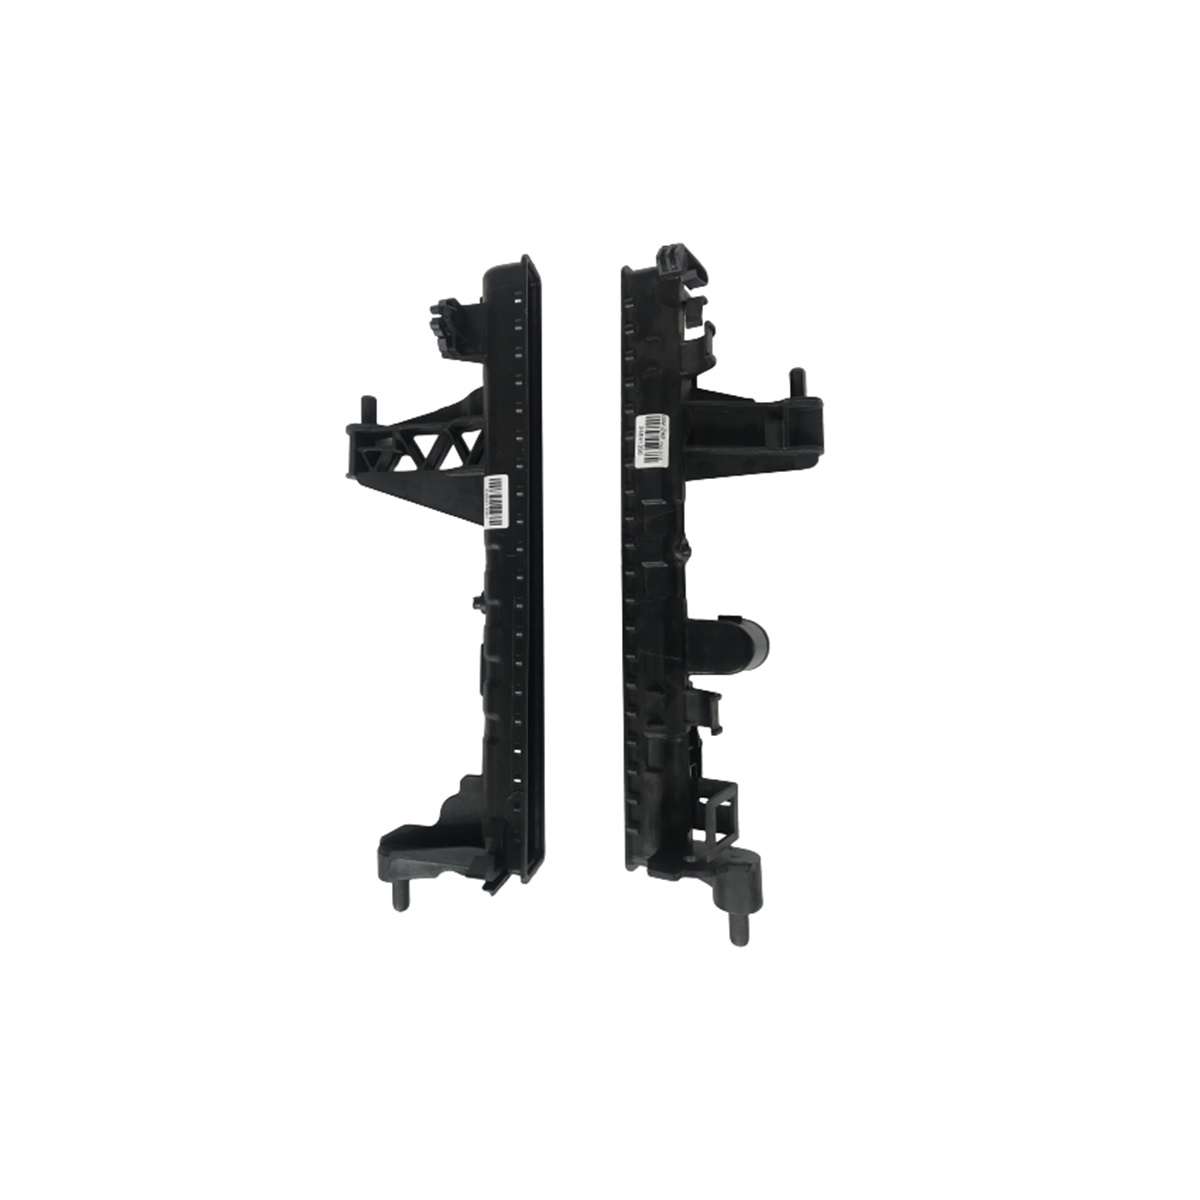 Conjunto de Caixa Radiador GM Agile Montana 1.4 / 1.8 8v Flex 2010 a 2014